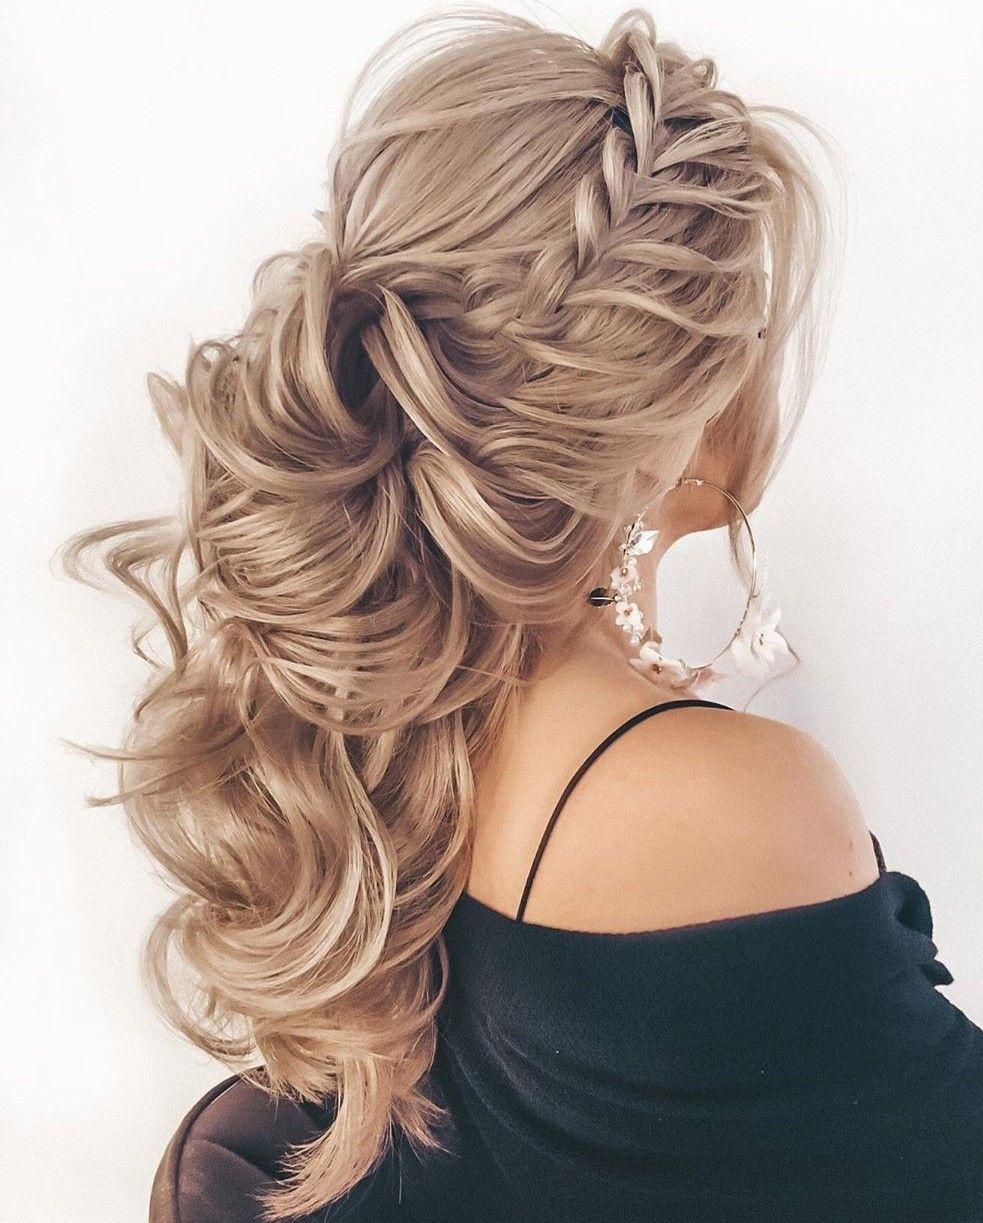 50 Trendiest Half Up Half Down Hairstyles For 2021 Hair Adviser In 2021 Half Up Hair Wedding Hair Half Braided Half Up Half Down Hair